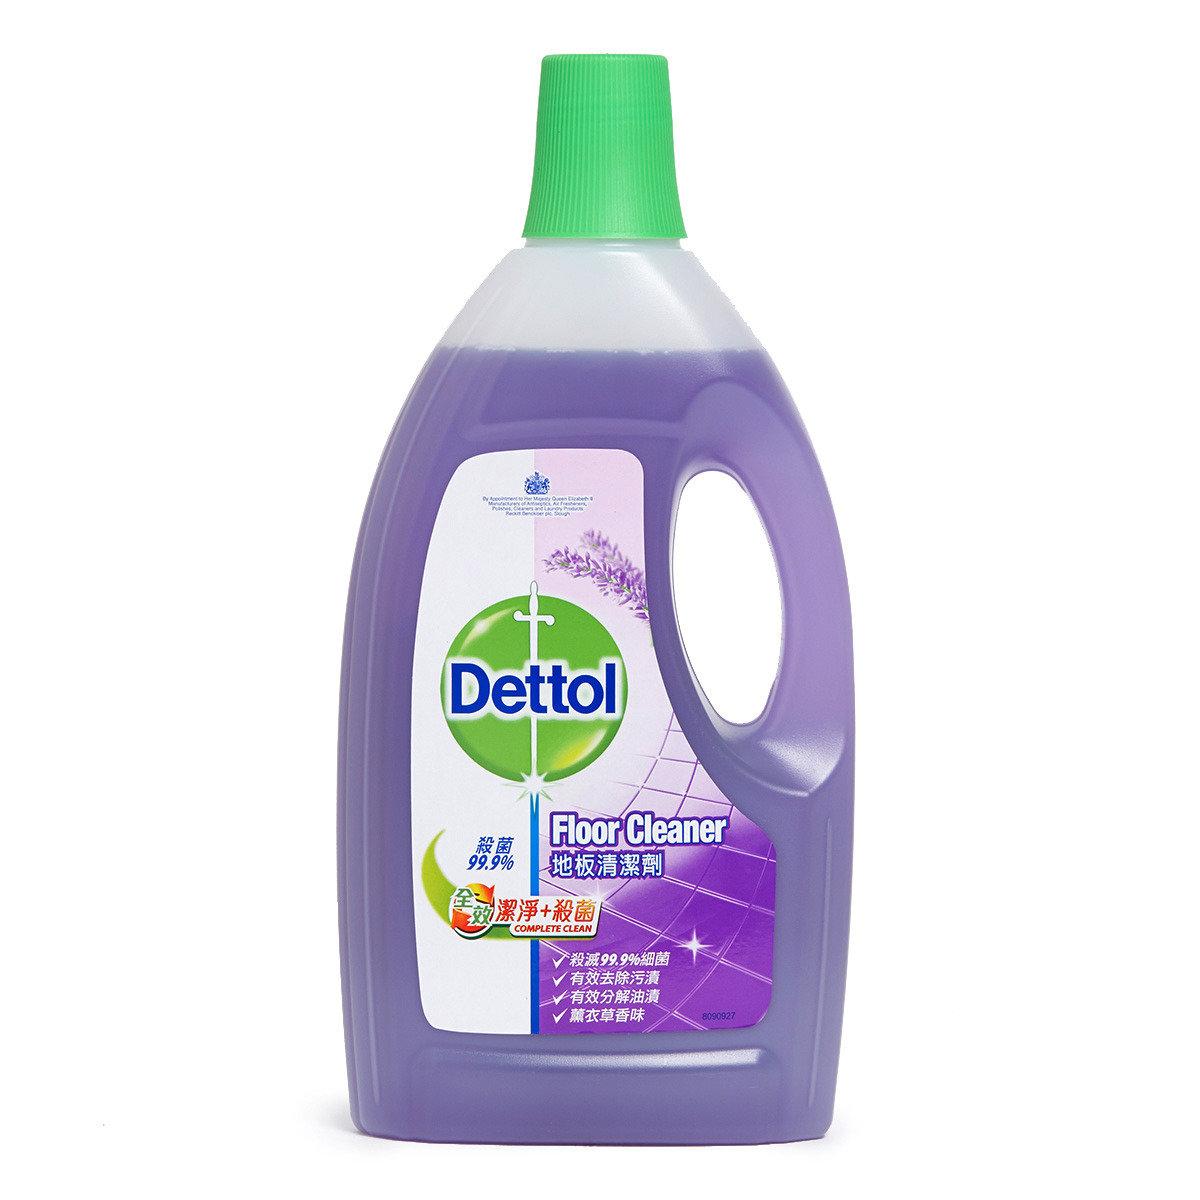 地板清潔劑 (薰衣草味)